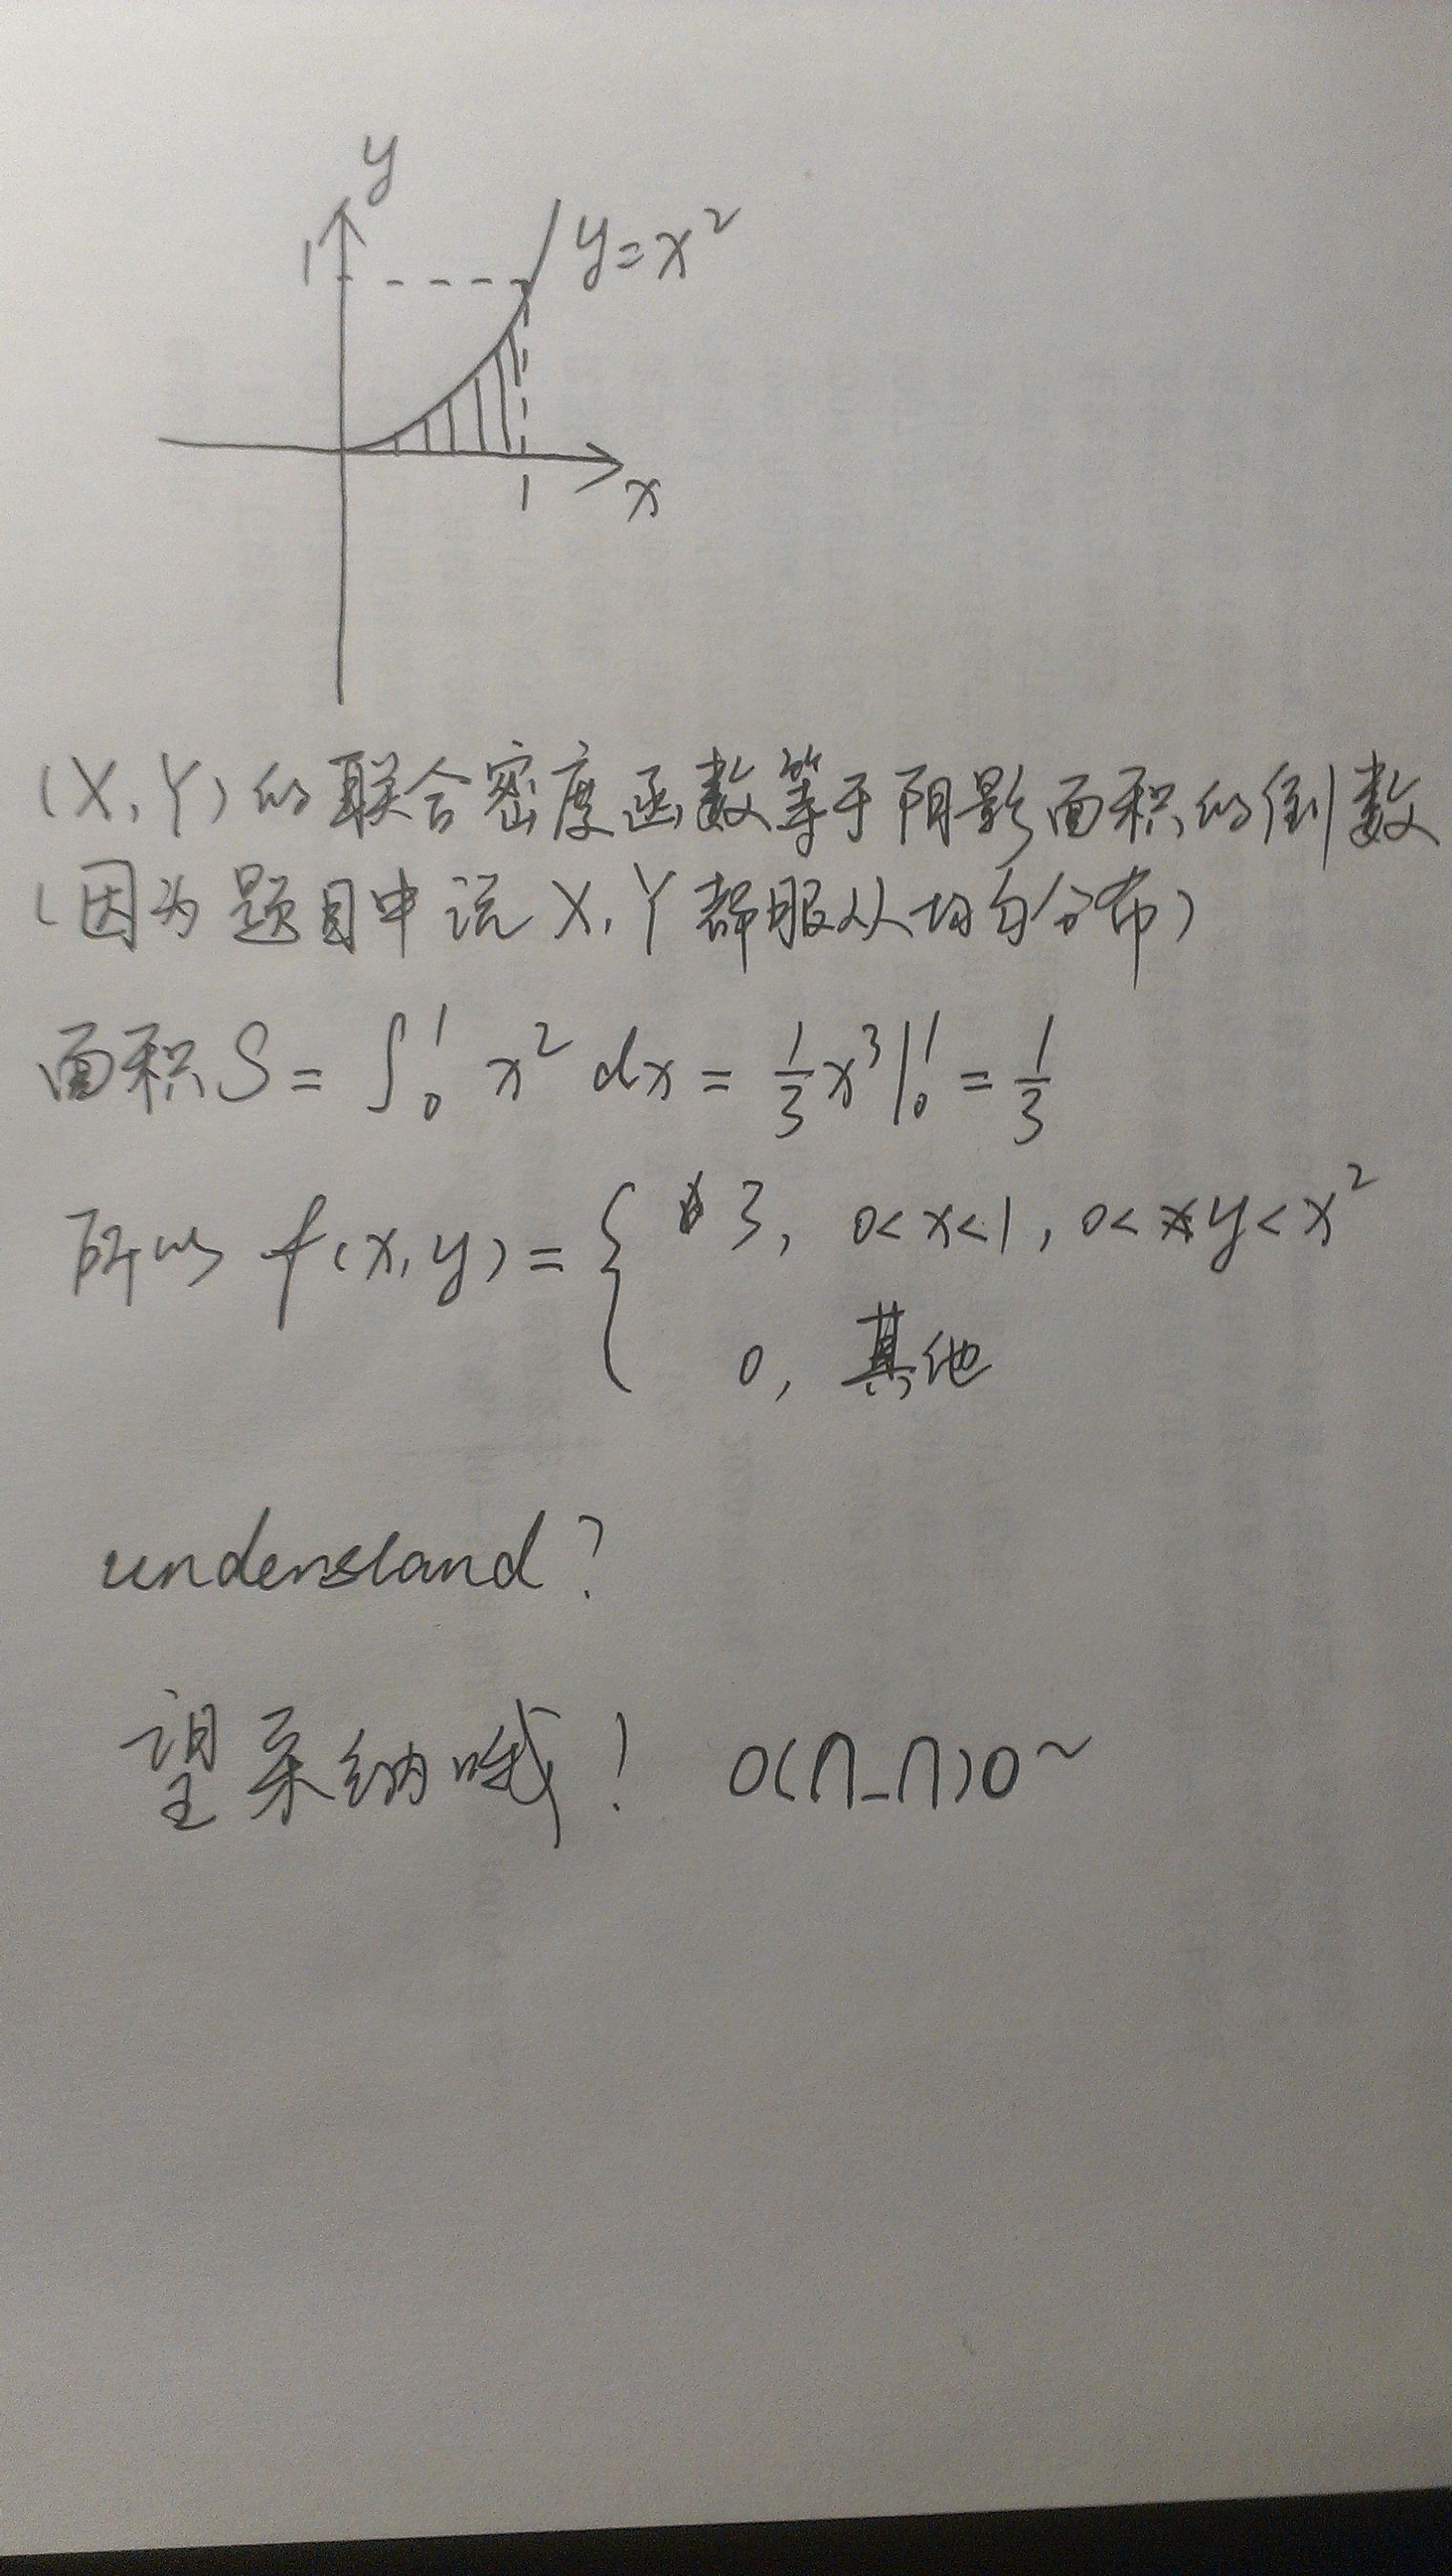 子��aiy�$y�:.��/d_二维随机变量(x,y)在区域d={(x,y)|0 x 1,0 y x^2}上服从均匀分布,求